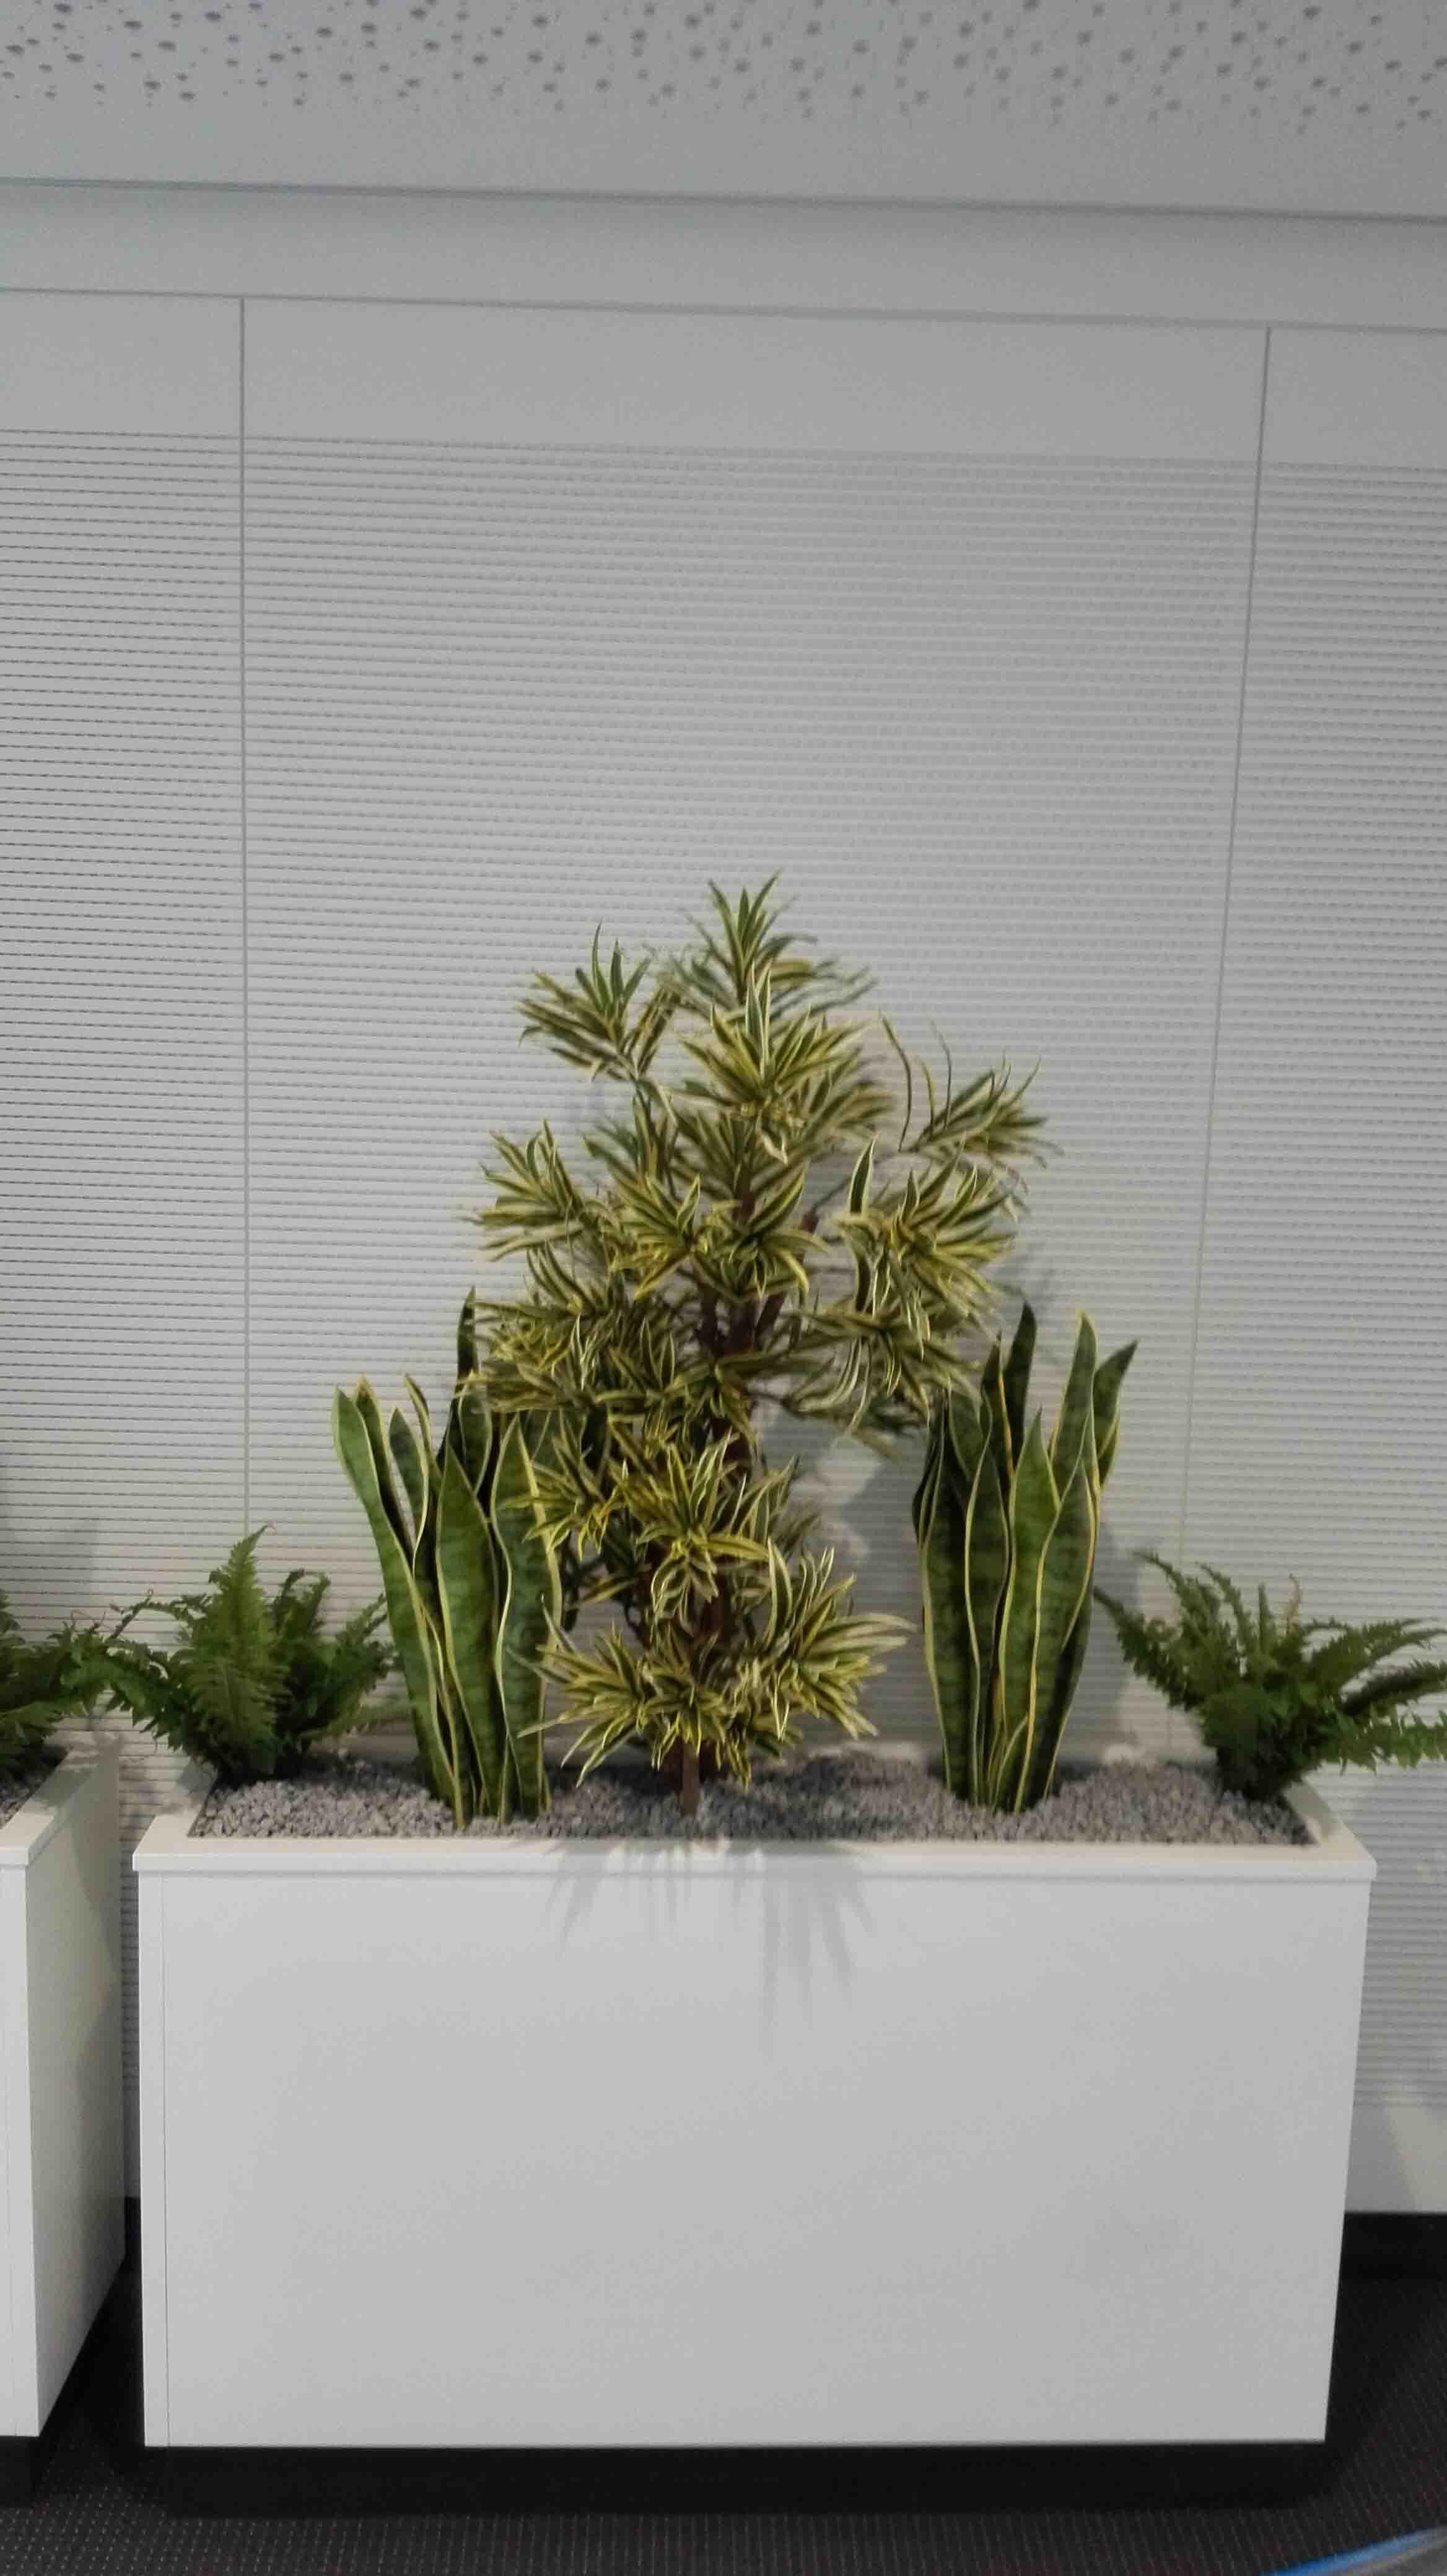 gedike begr nungen hochwertige textilpflanzen ihr zertifizierter partner. Black Bedroom Furniture Sets. Home Design Ideas